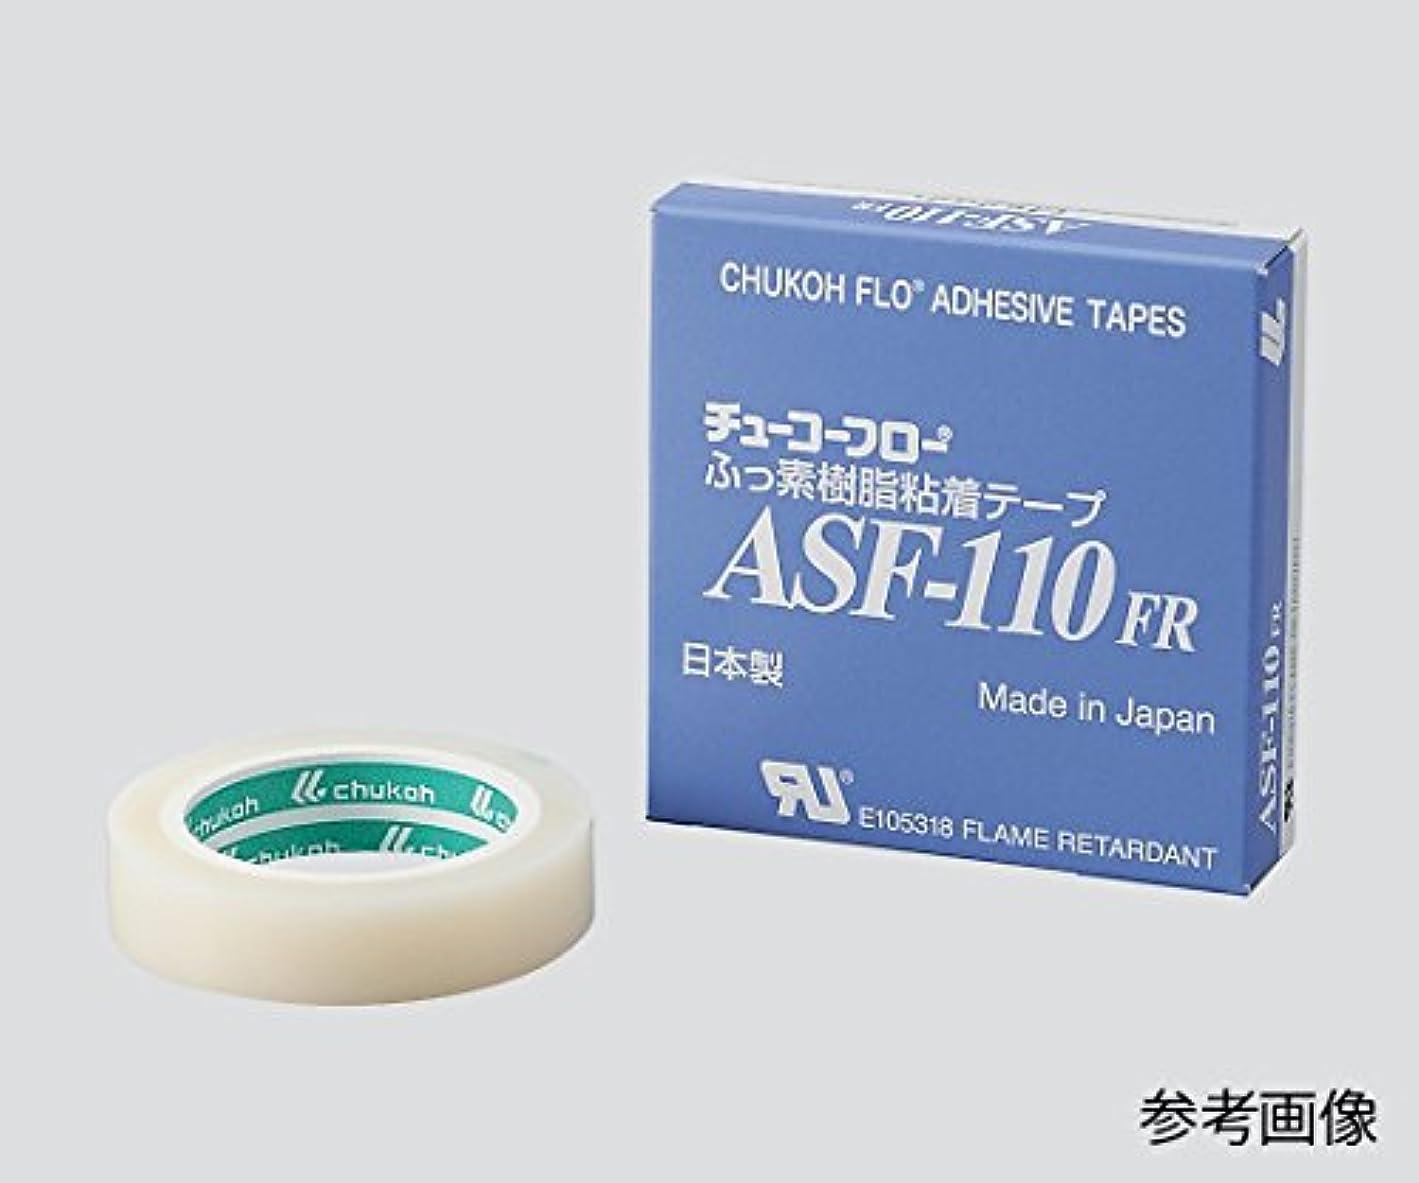 ファンシークレーン食欲中興化成工業 粘着テープ ASF-110